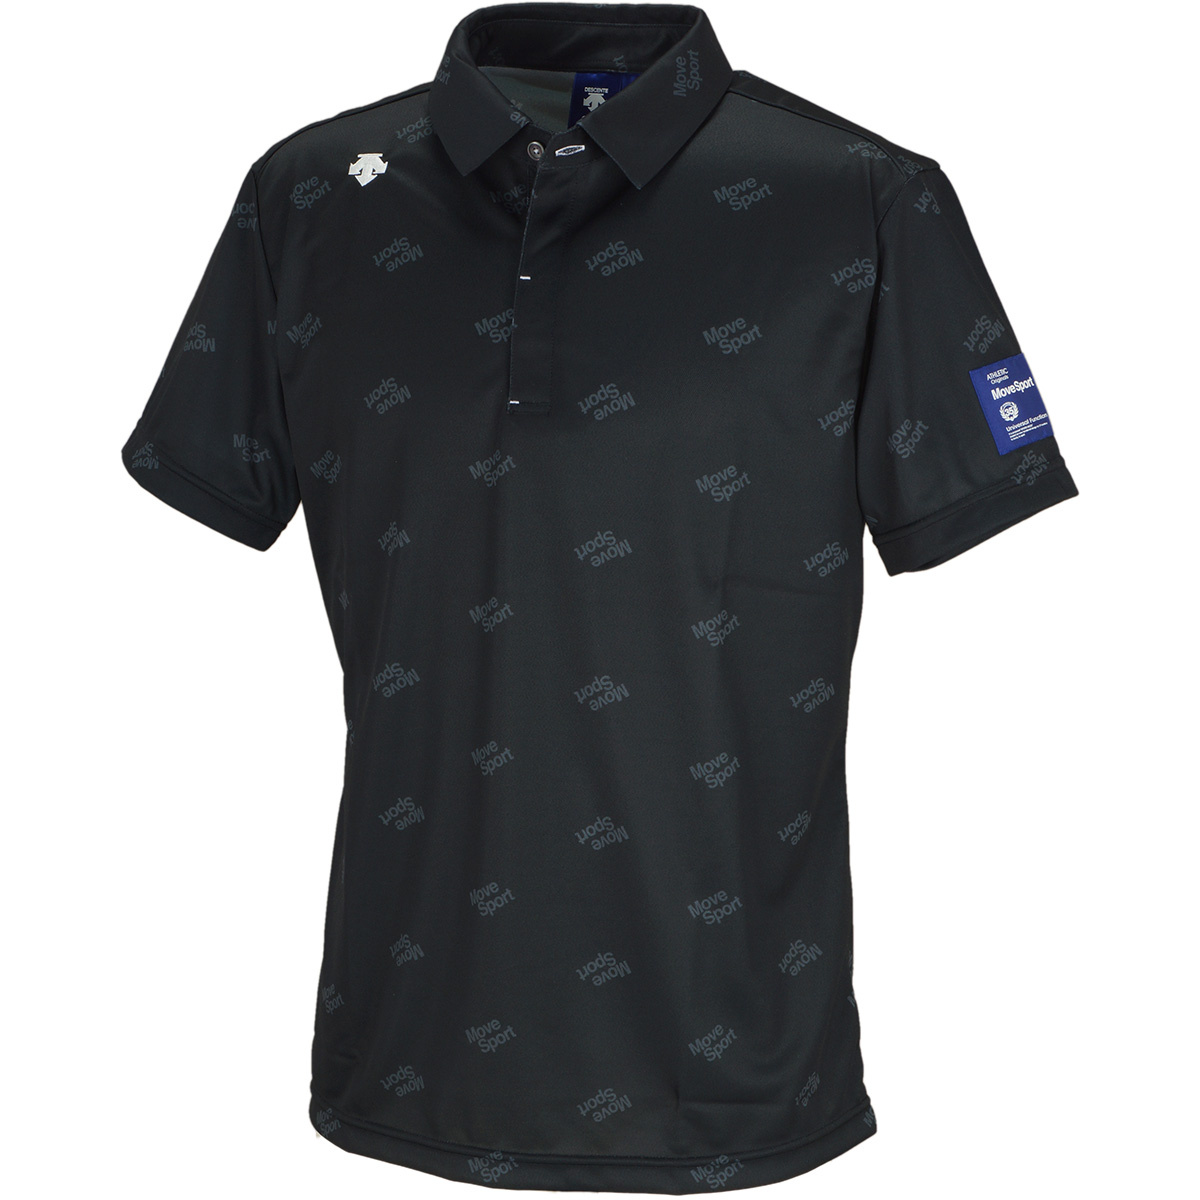 ロゴプリントリバースメッシュ 半袖ポロシャツ